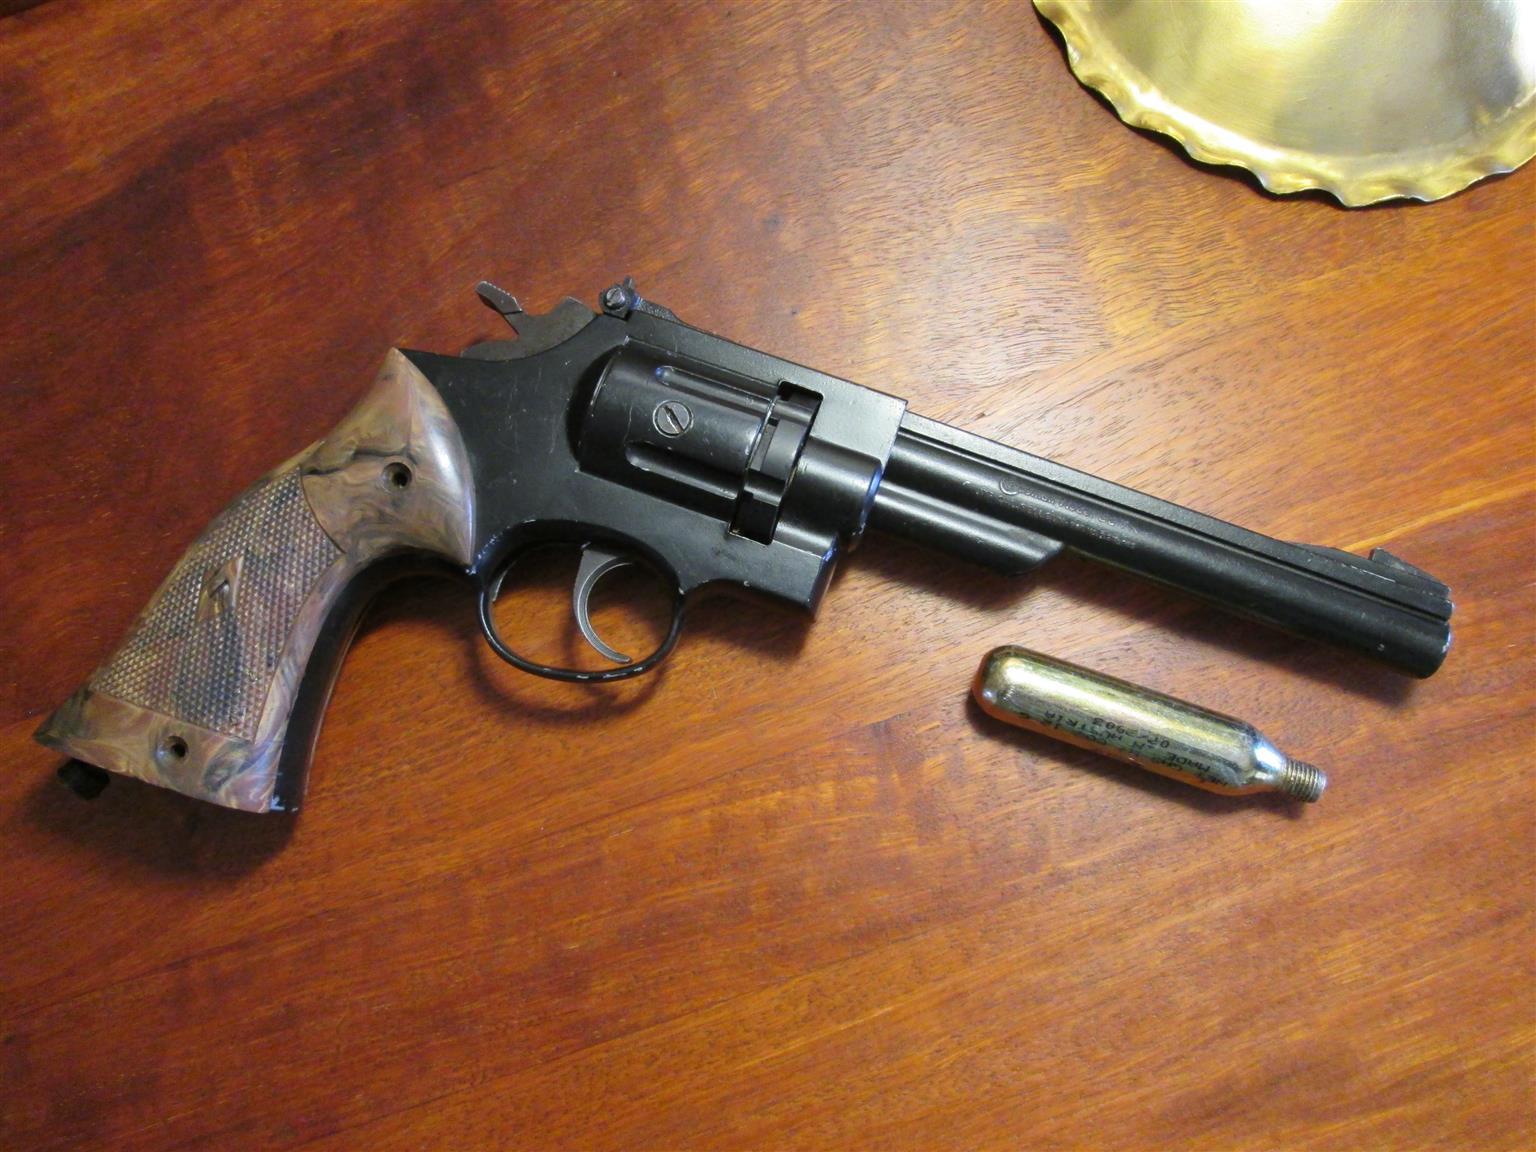 Crosman 38T Target: vintage CO2 pellet air-pistol, air-revolver, air-gun, air-rifle, functional